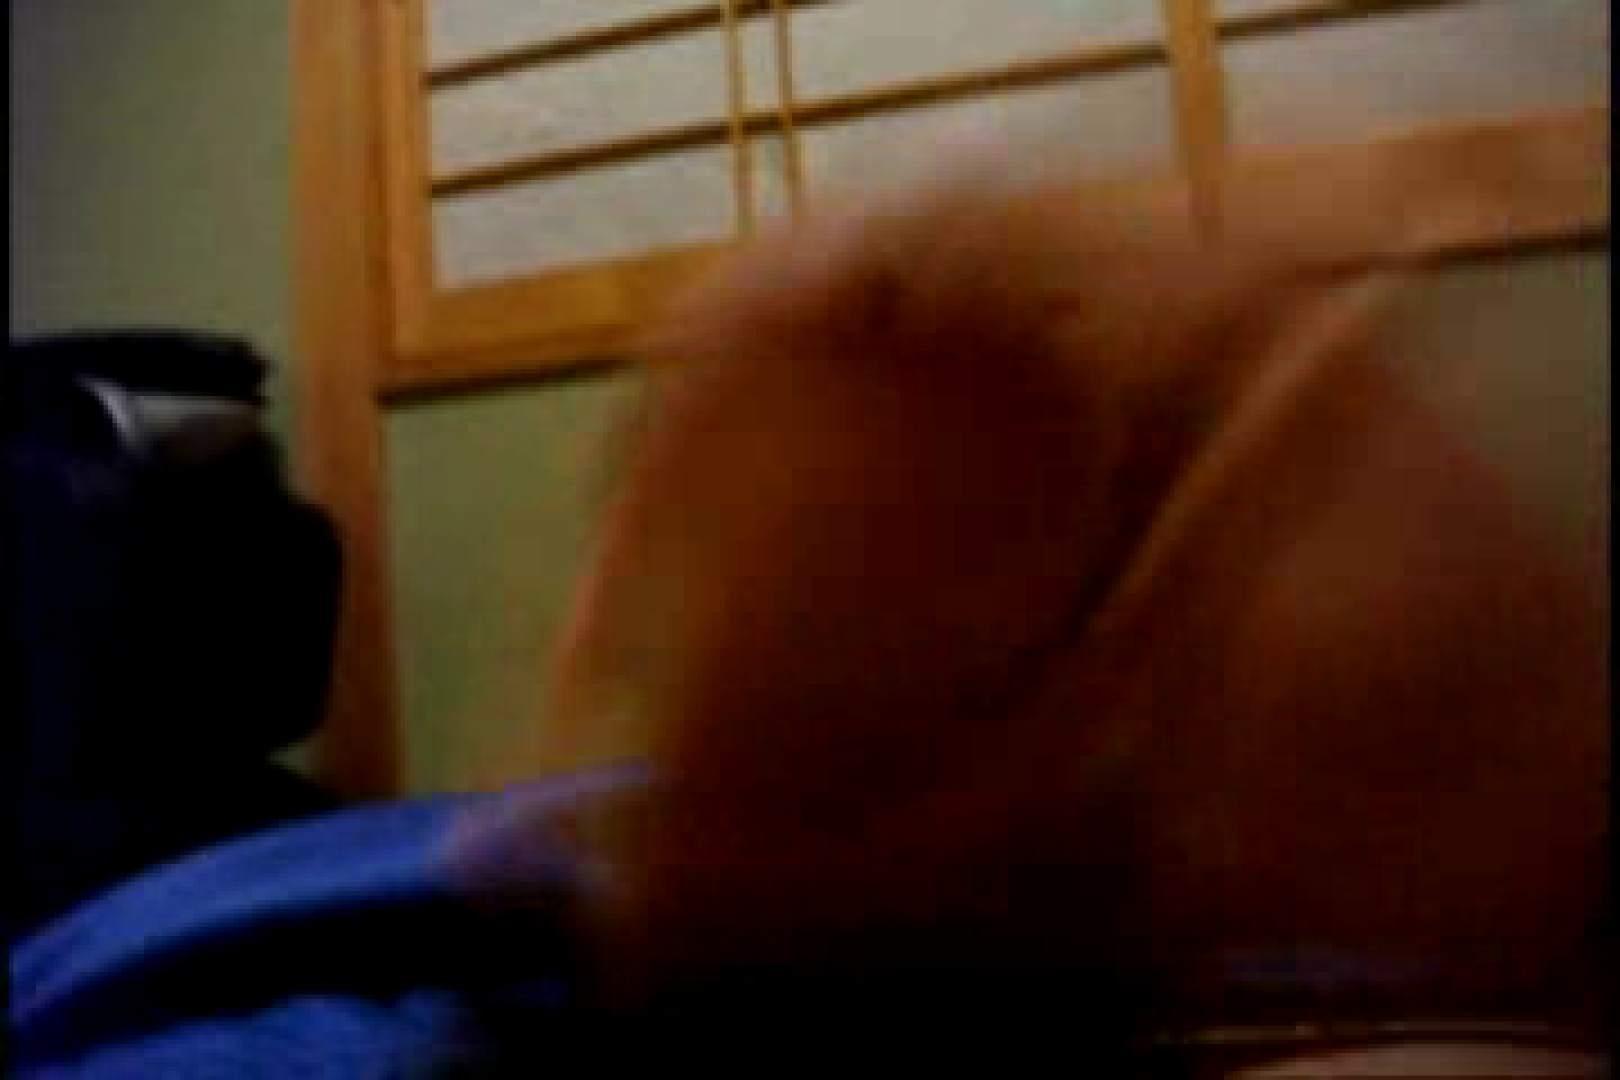 オナ好きノンケテニス部員の自画撮り投稿vol.02 流出  104pic 65